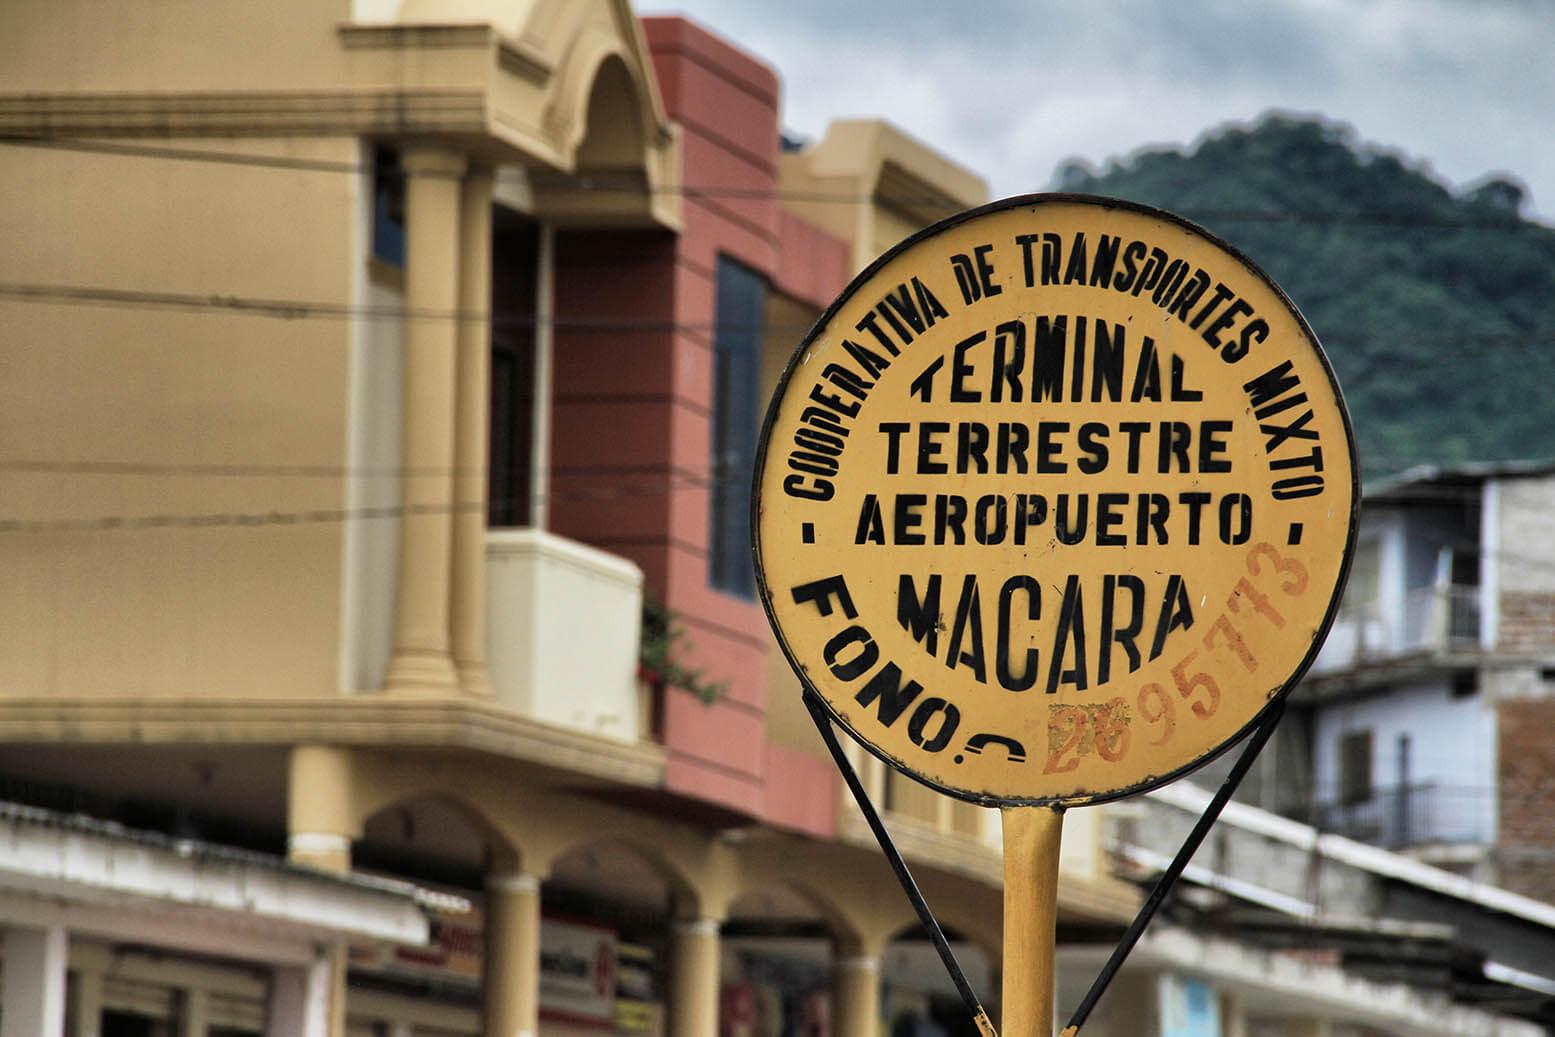 macara Ecuador